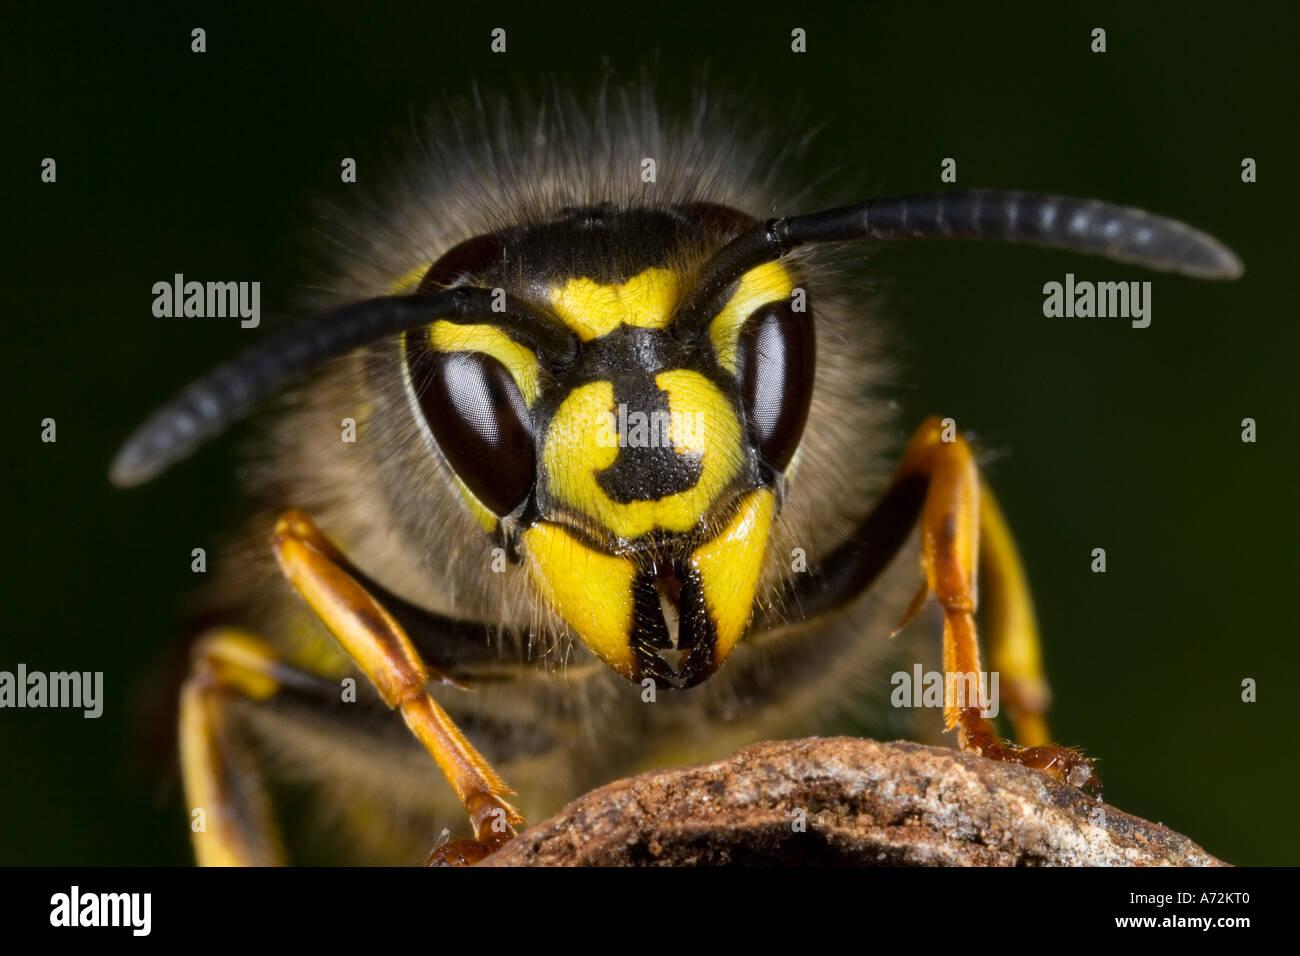 Wasp comune Vespula vulgaris vista in dettaglio della testa che mostra segni distintivi potton bedfordshire Immagini Stock